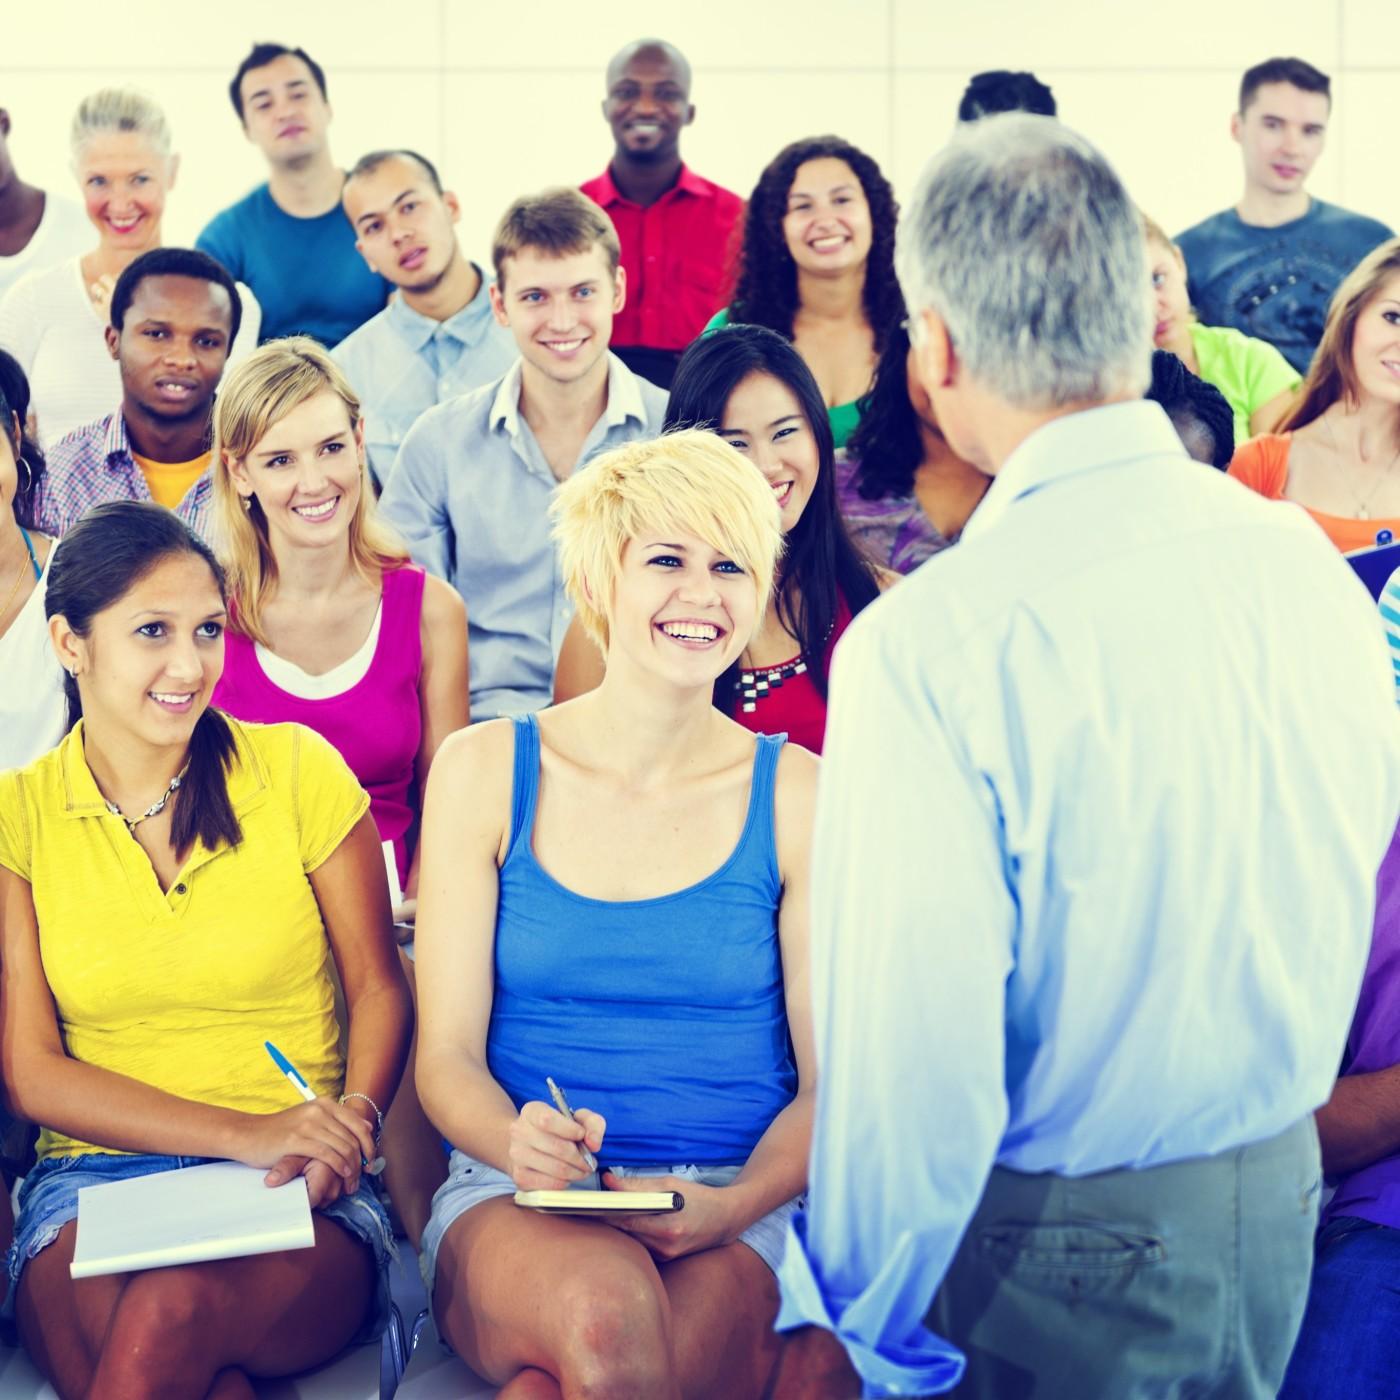 Enseigner au supérieur: bien connaître son public